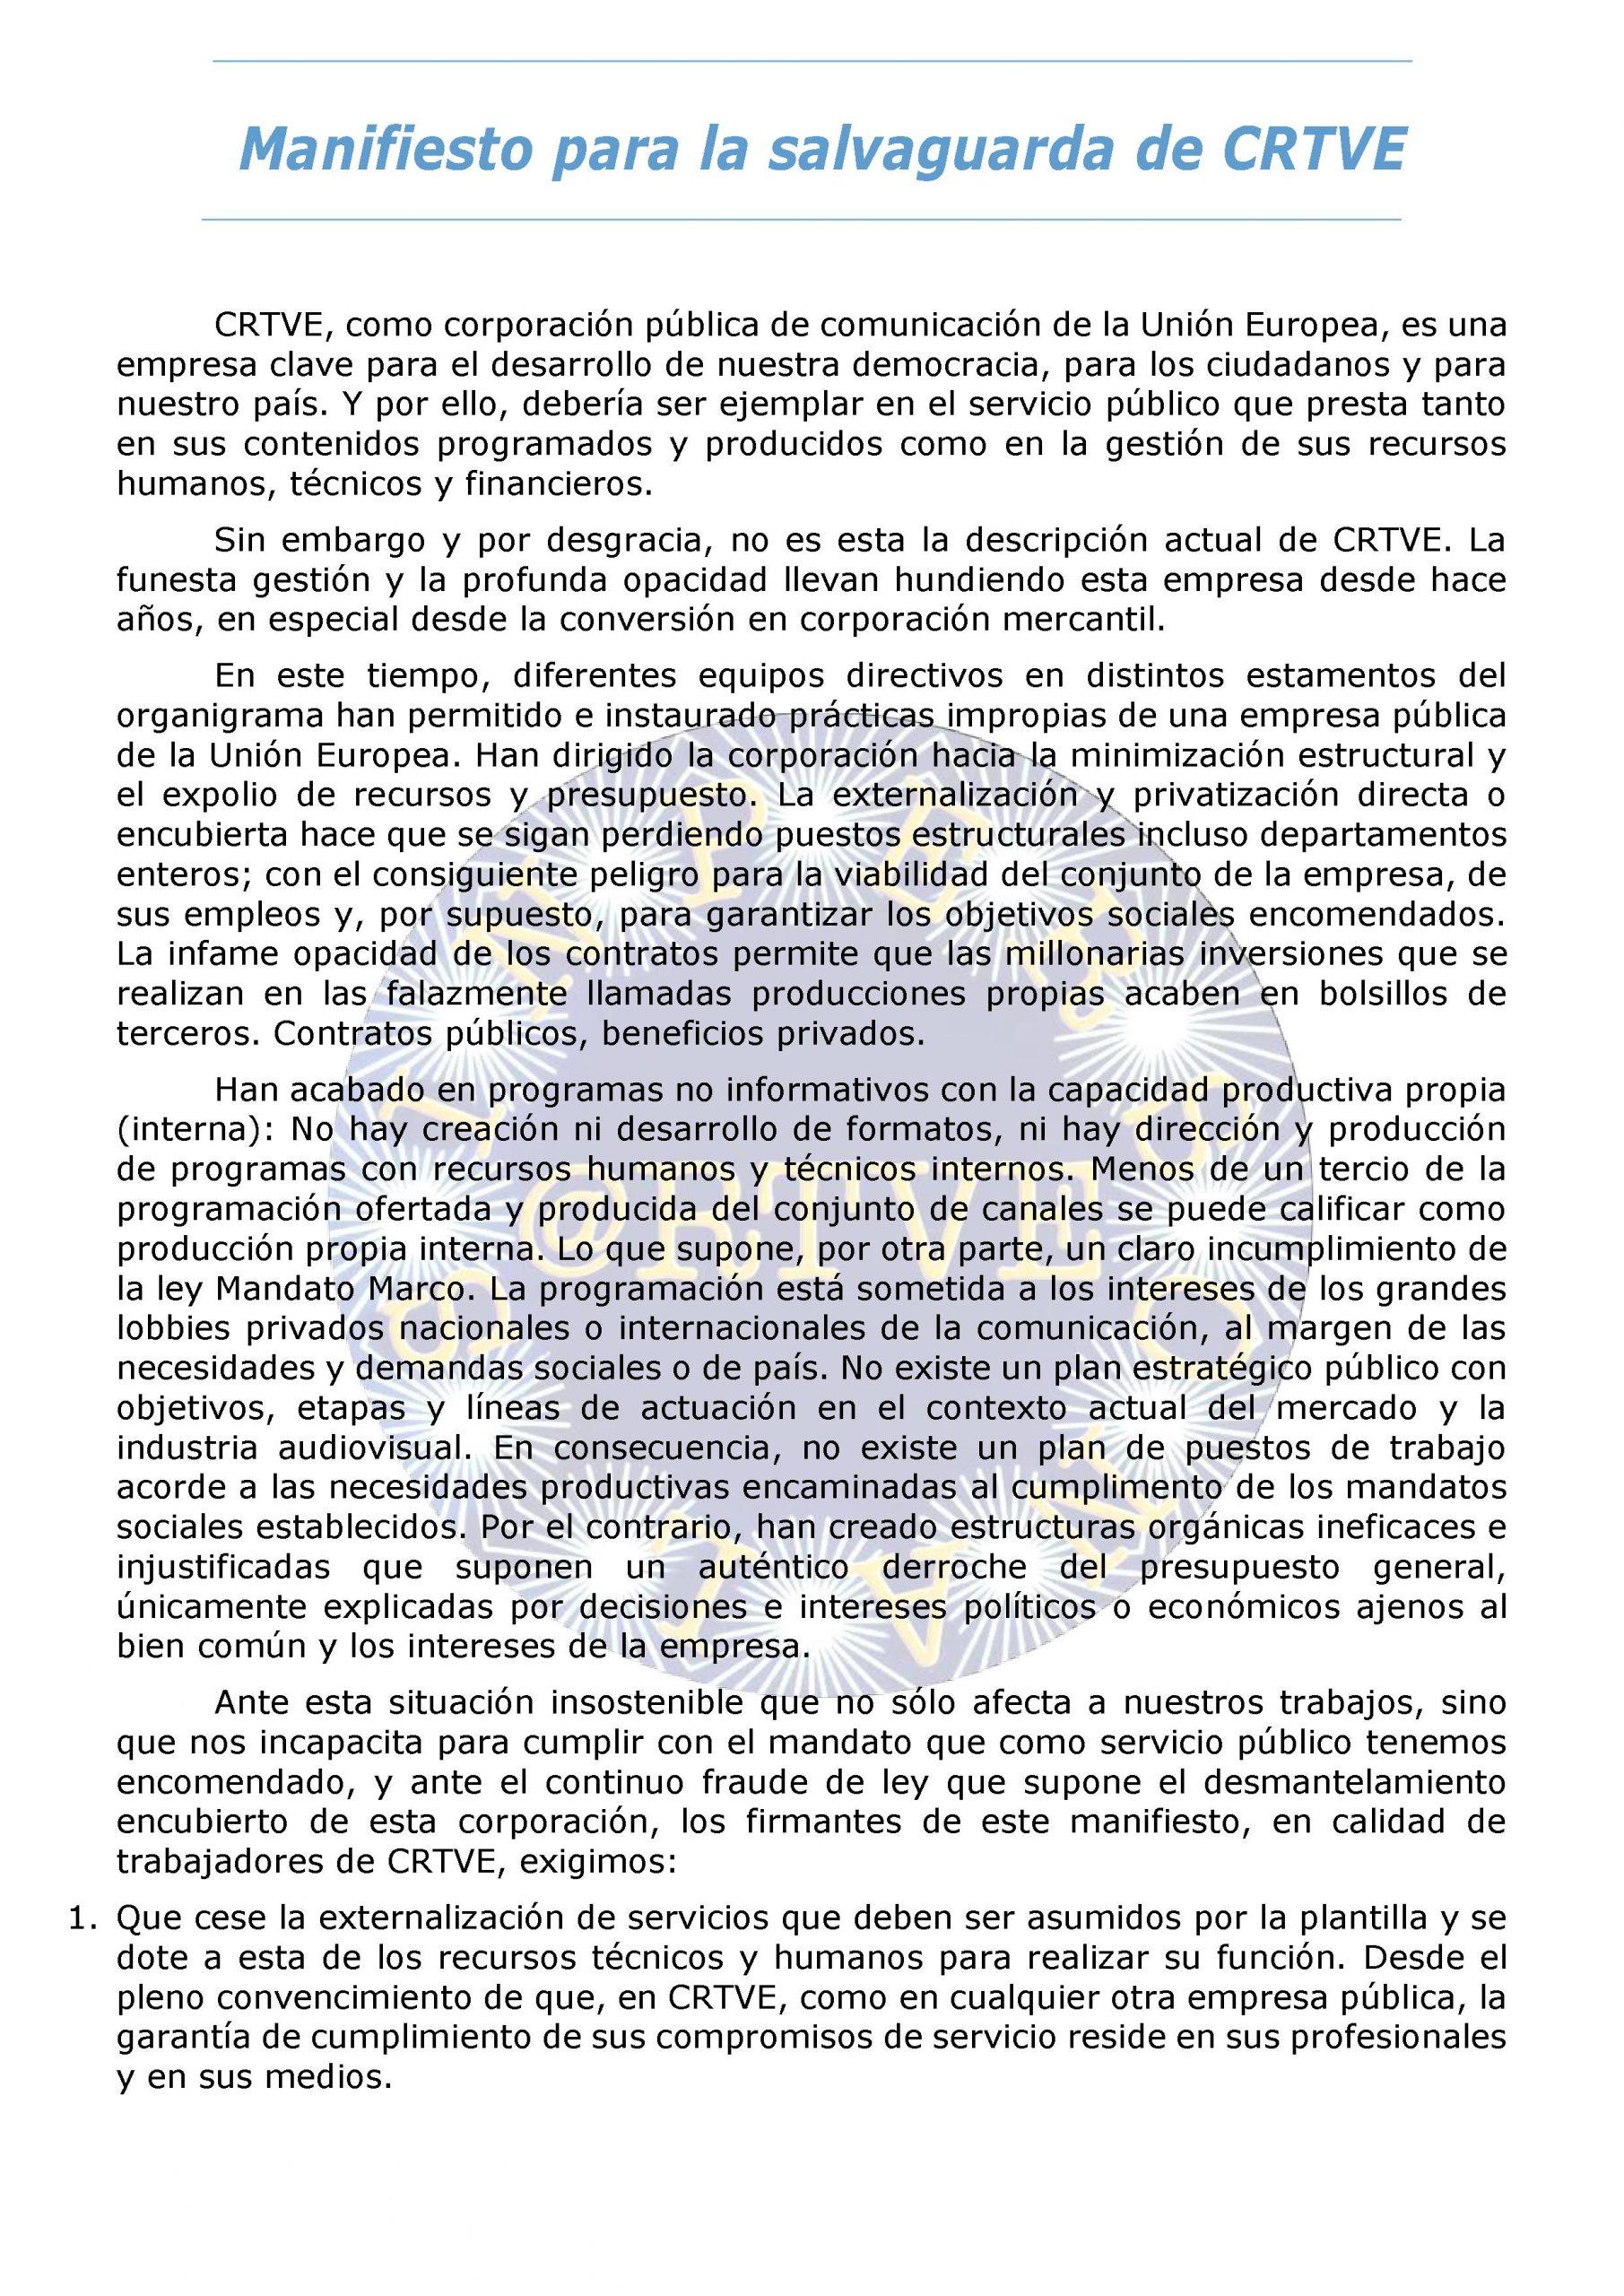 MANIFIESTO DEL PERSONAL PARA LA SALVAGUARDA DE CRTVE.